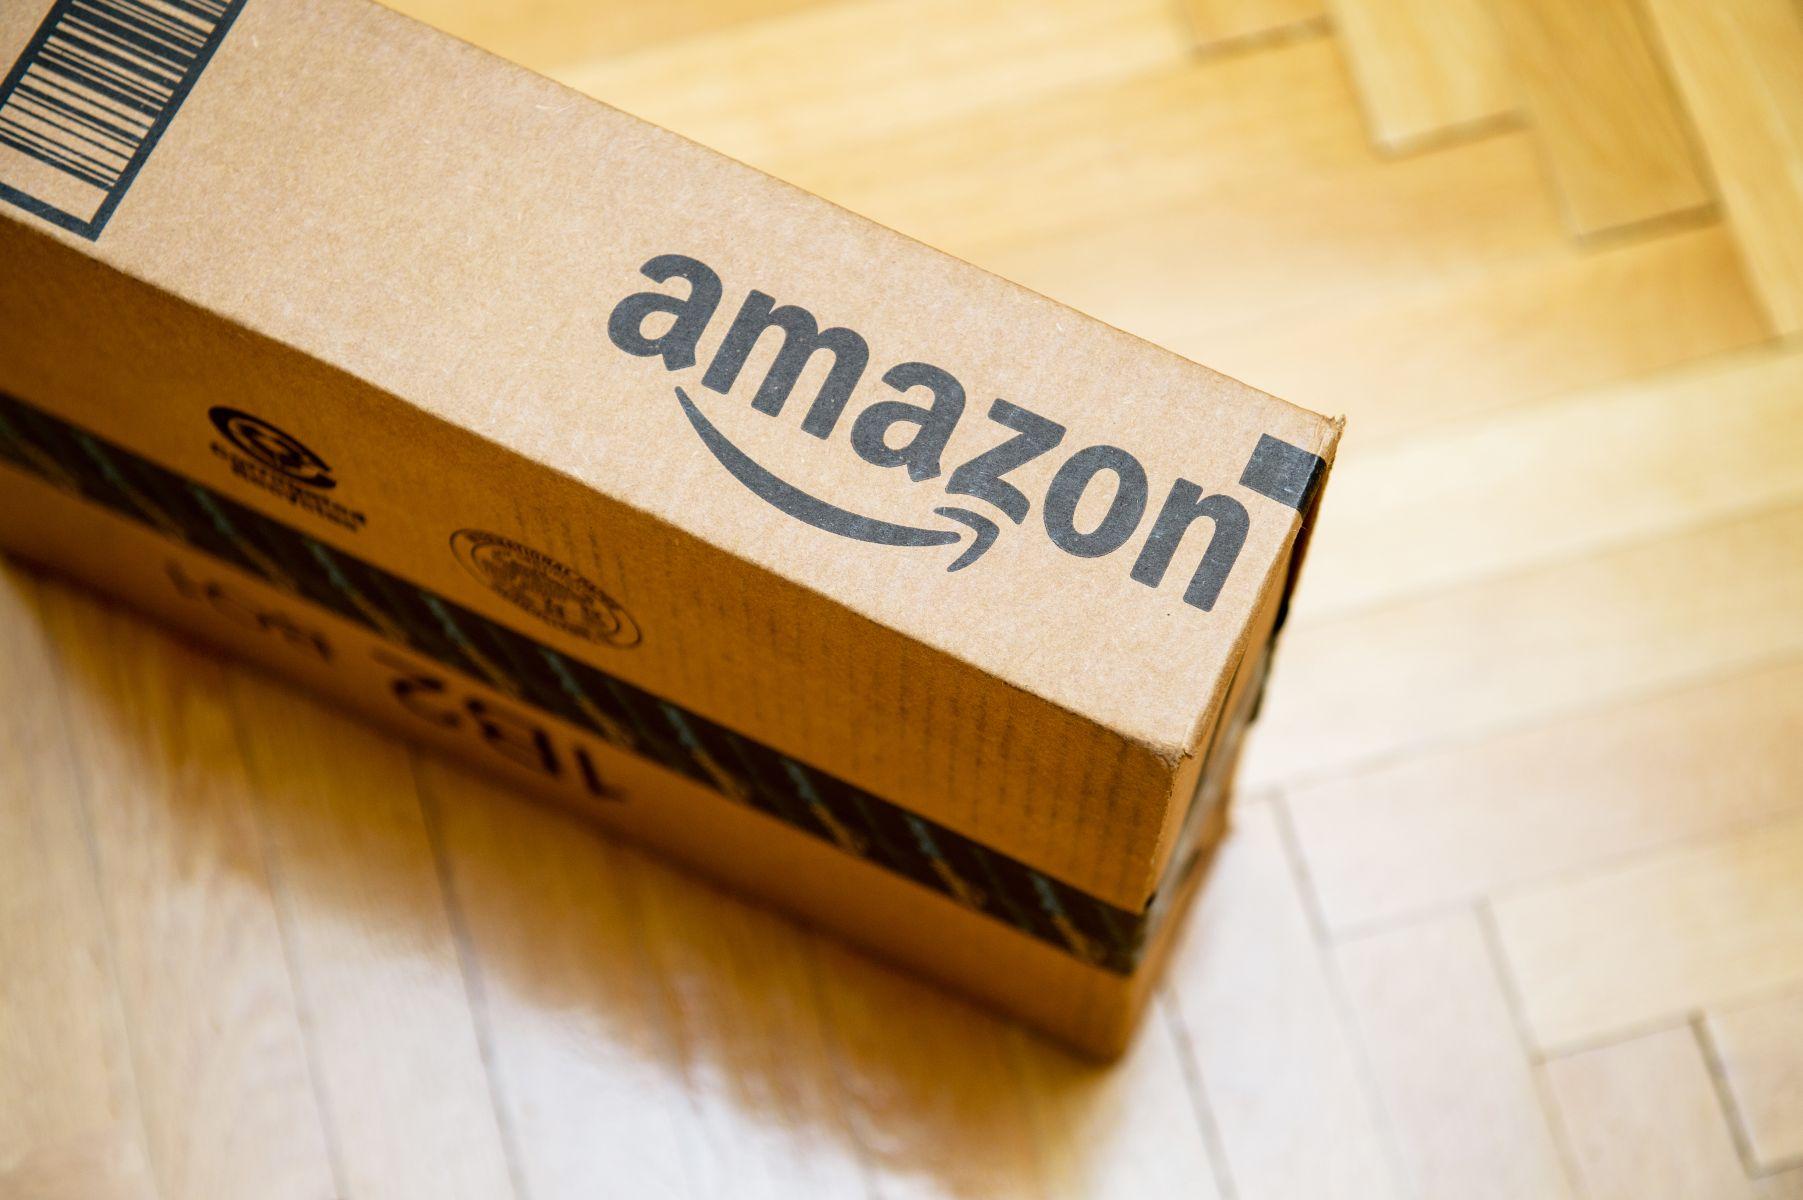 不在家,依然收的到貨!智慧鎖、送貨到車上,Amazon的創新物流讓你收貨沒煩惱